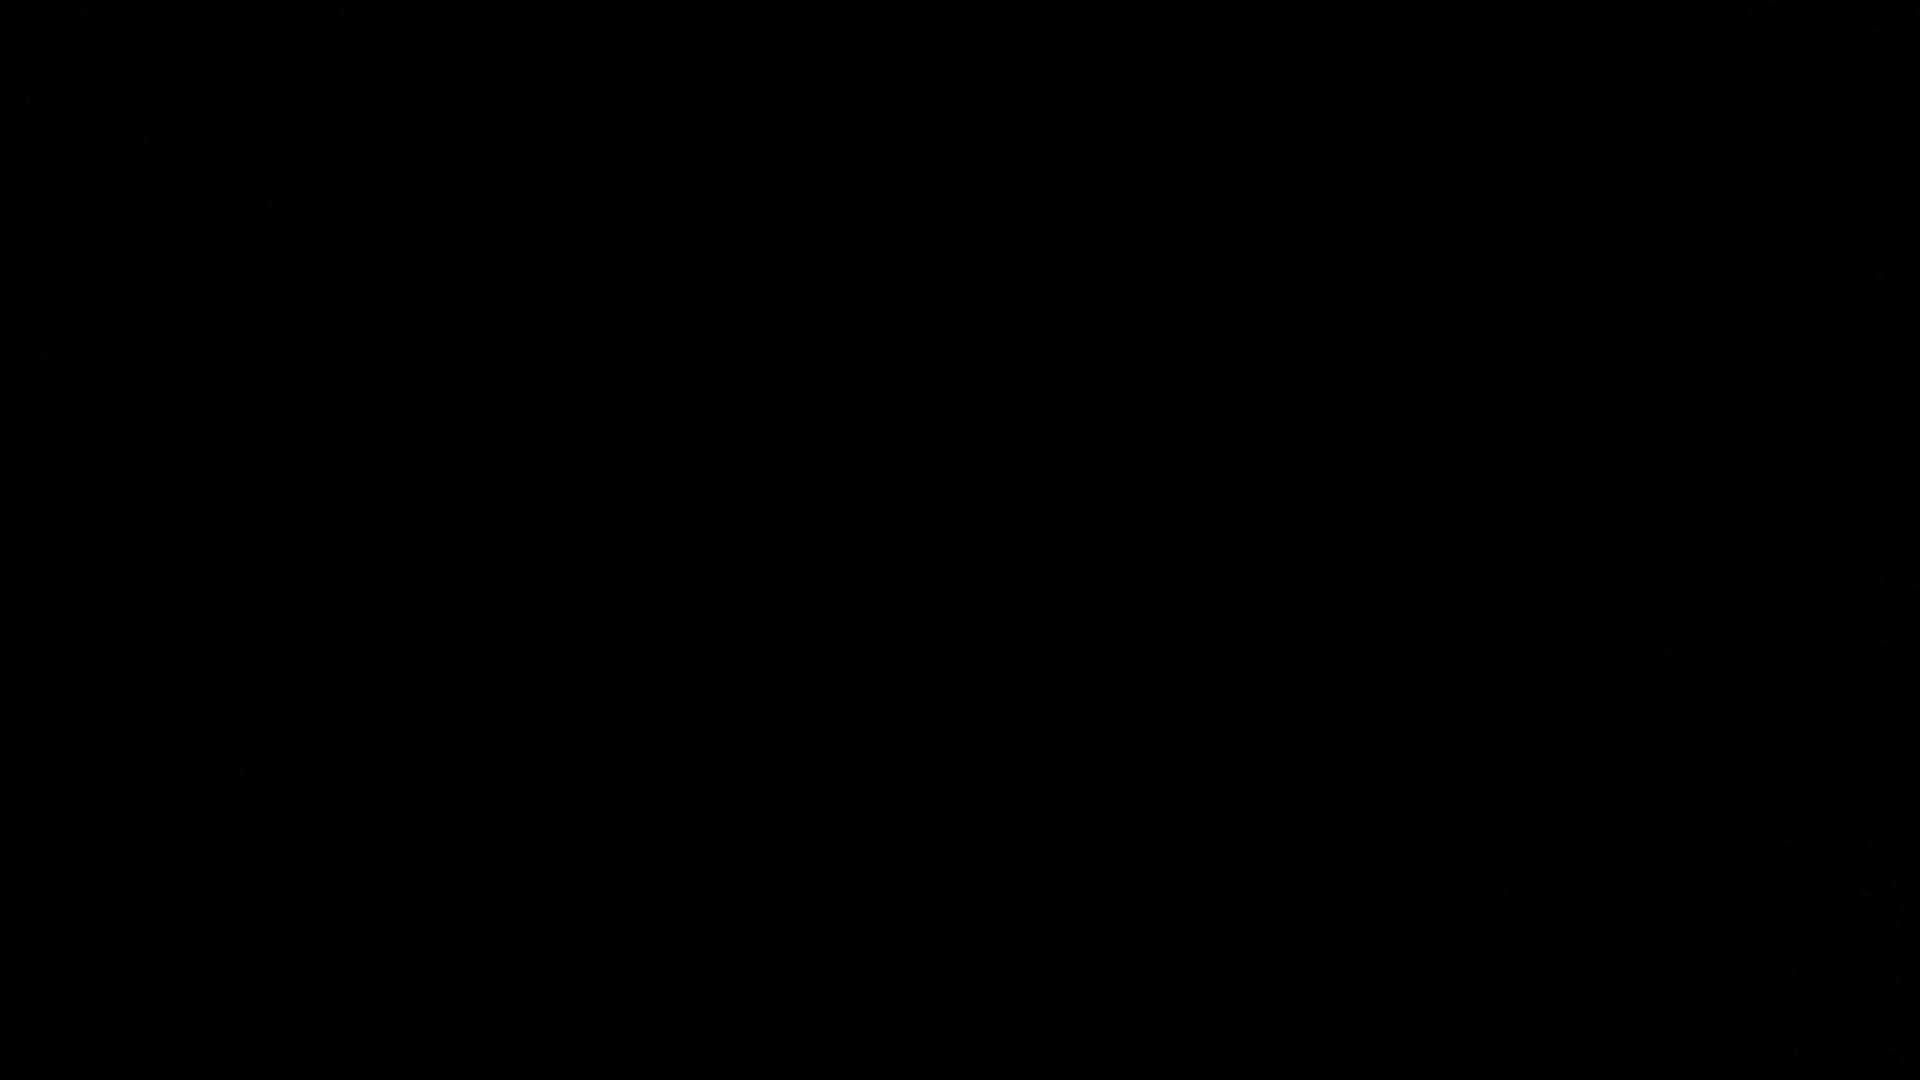 エロいフェラシーンをピックアップvol43 フェラ ゲイ素人エロ画像 96枚 1